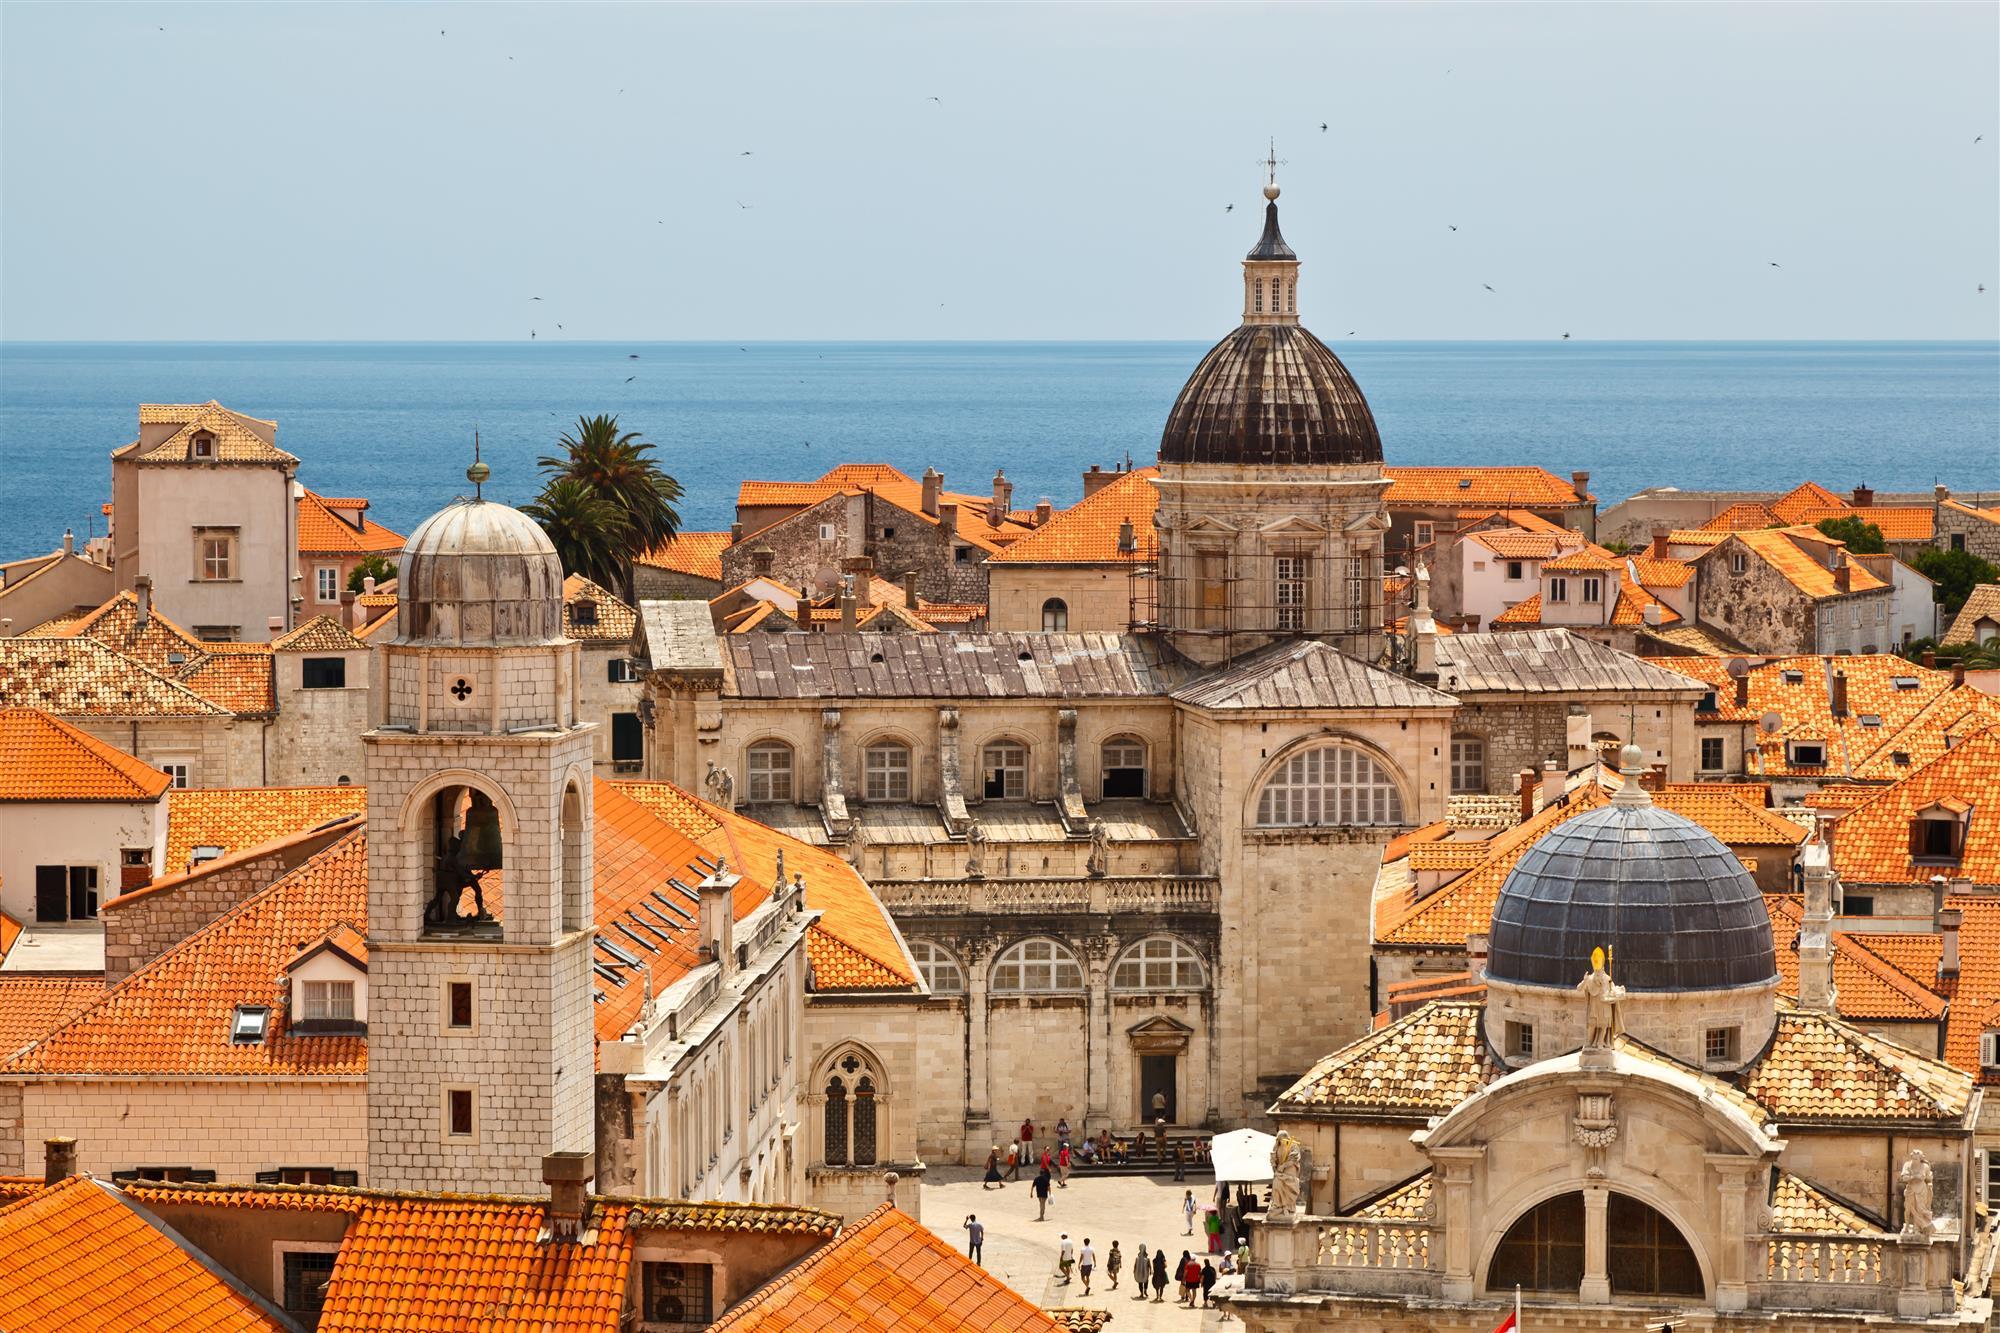 dubrovnik catedral . La impresionante catedral de Dubrovnik